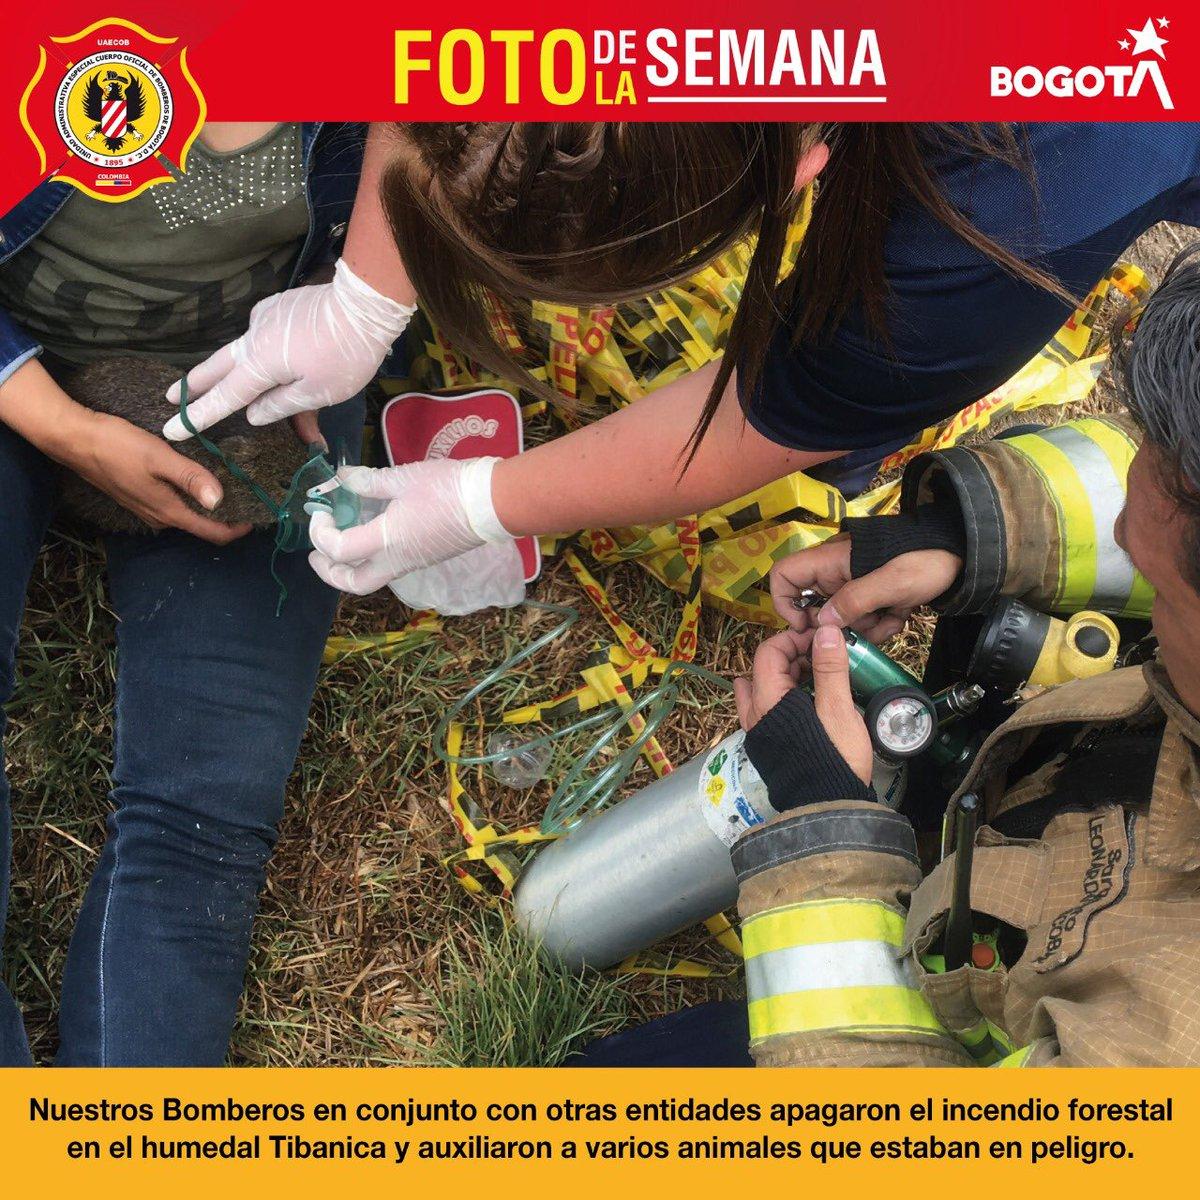 En nuestra #FotoDeLaSemana te mostramos cómo trabajamos para apagar el incendio forestal que se presentó en el Humedal Tibanica, donde rescatamos animales que estaban en peligro 🚒